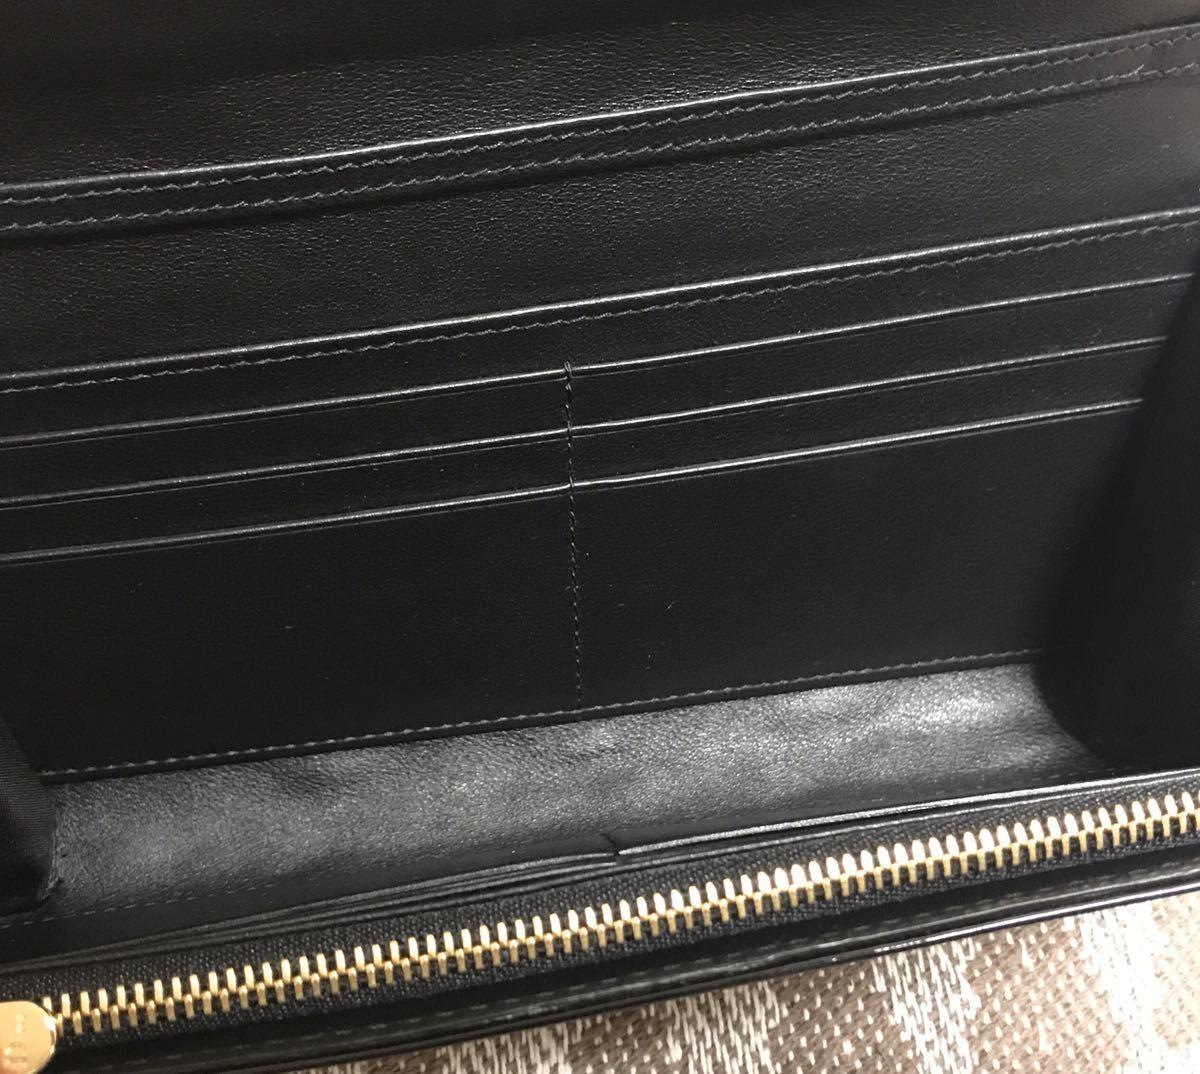 クリスチャンディオール 黒 ブラック 未使用品 チェーンウォレット パテント Christian Dior ゴールド 長財布 ショルダーバッグ_画像4